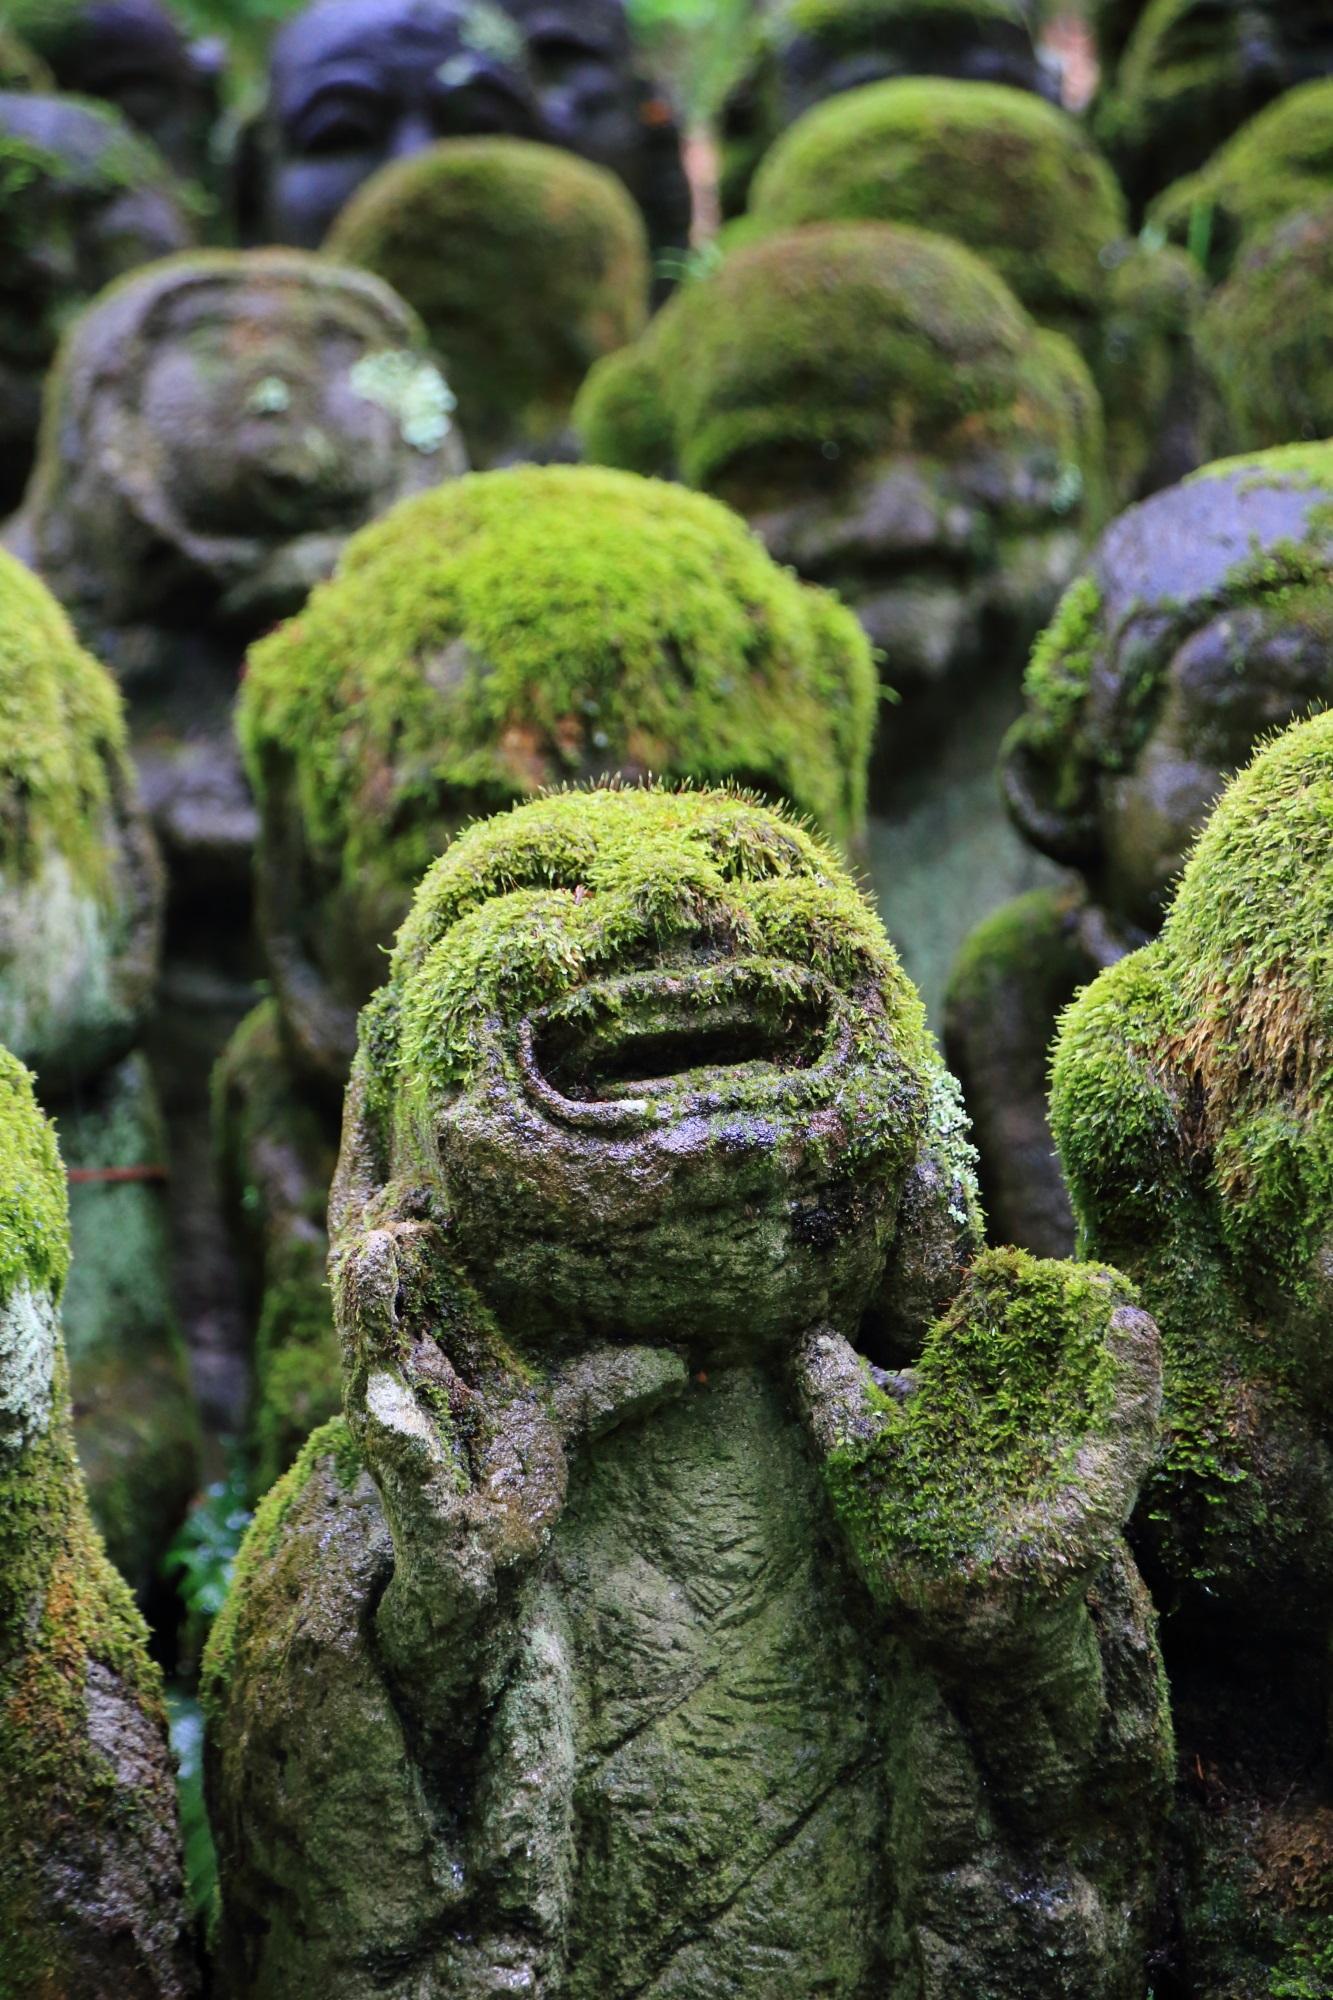 愛宕念仏寺の表情豊かな千二百羅漢